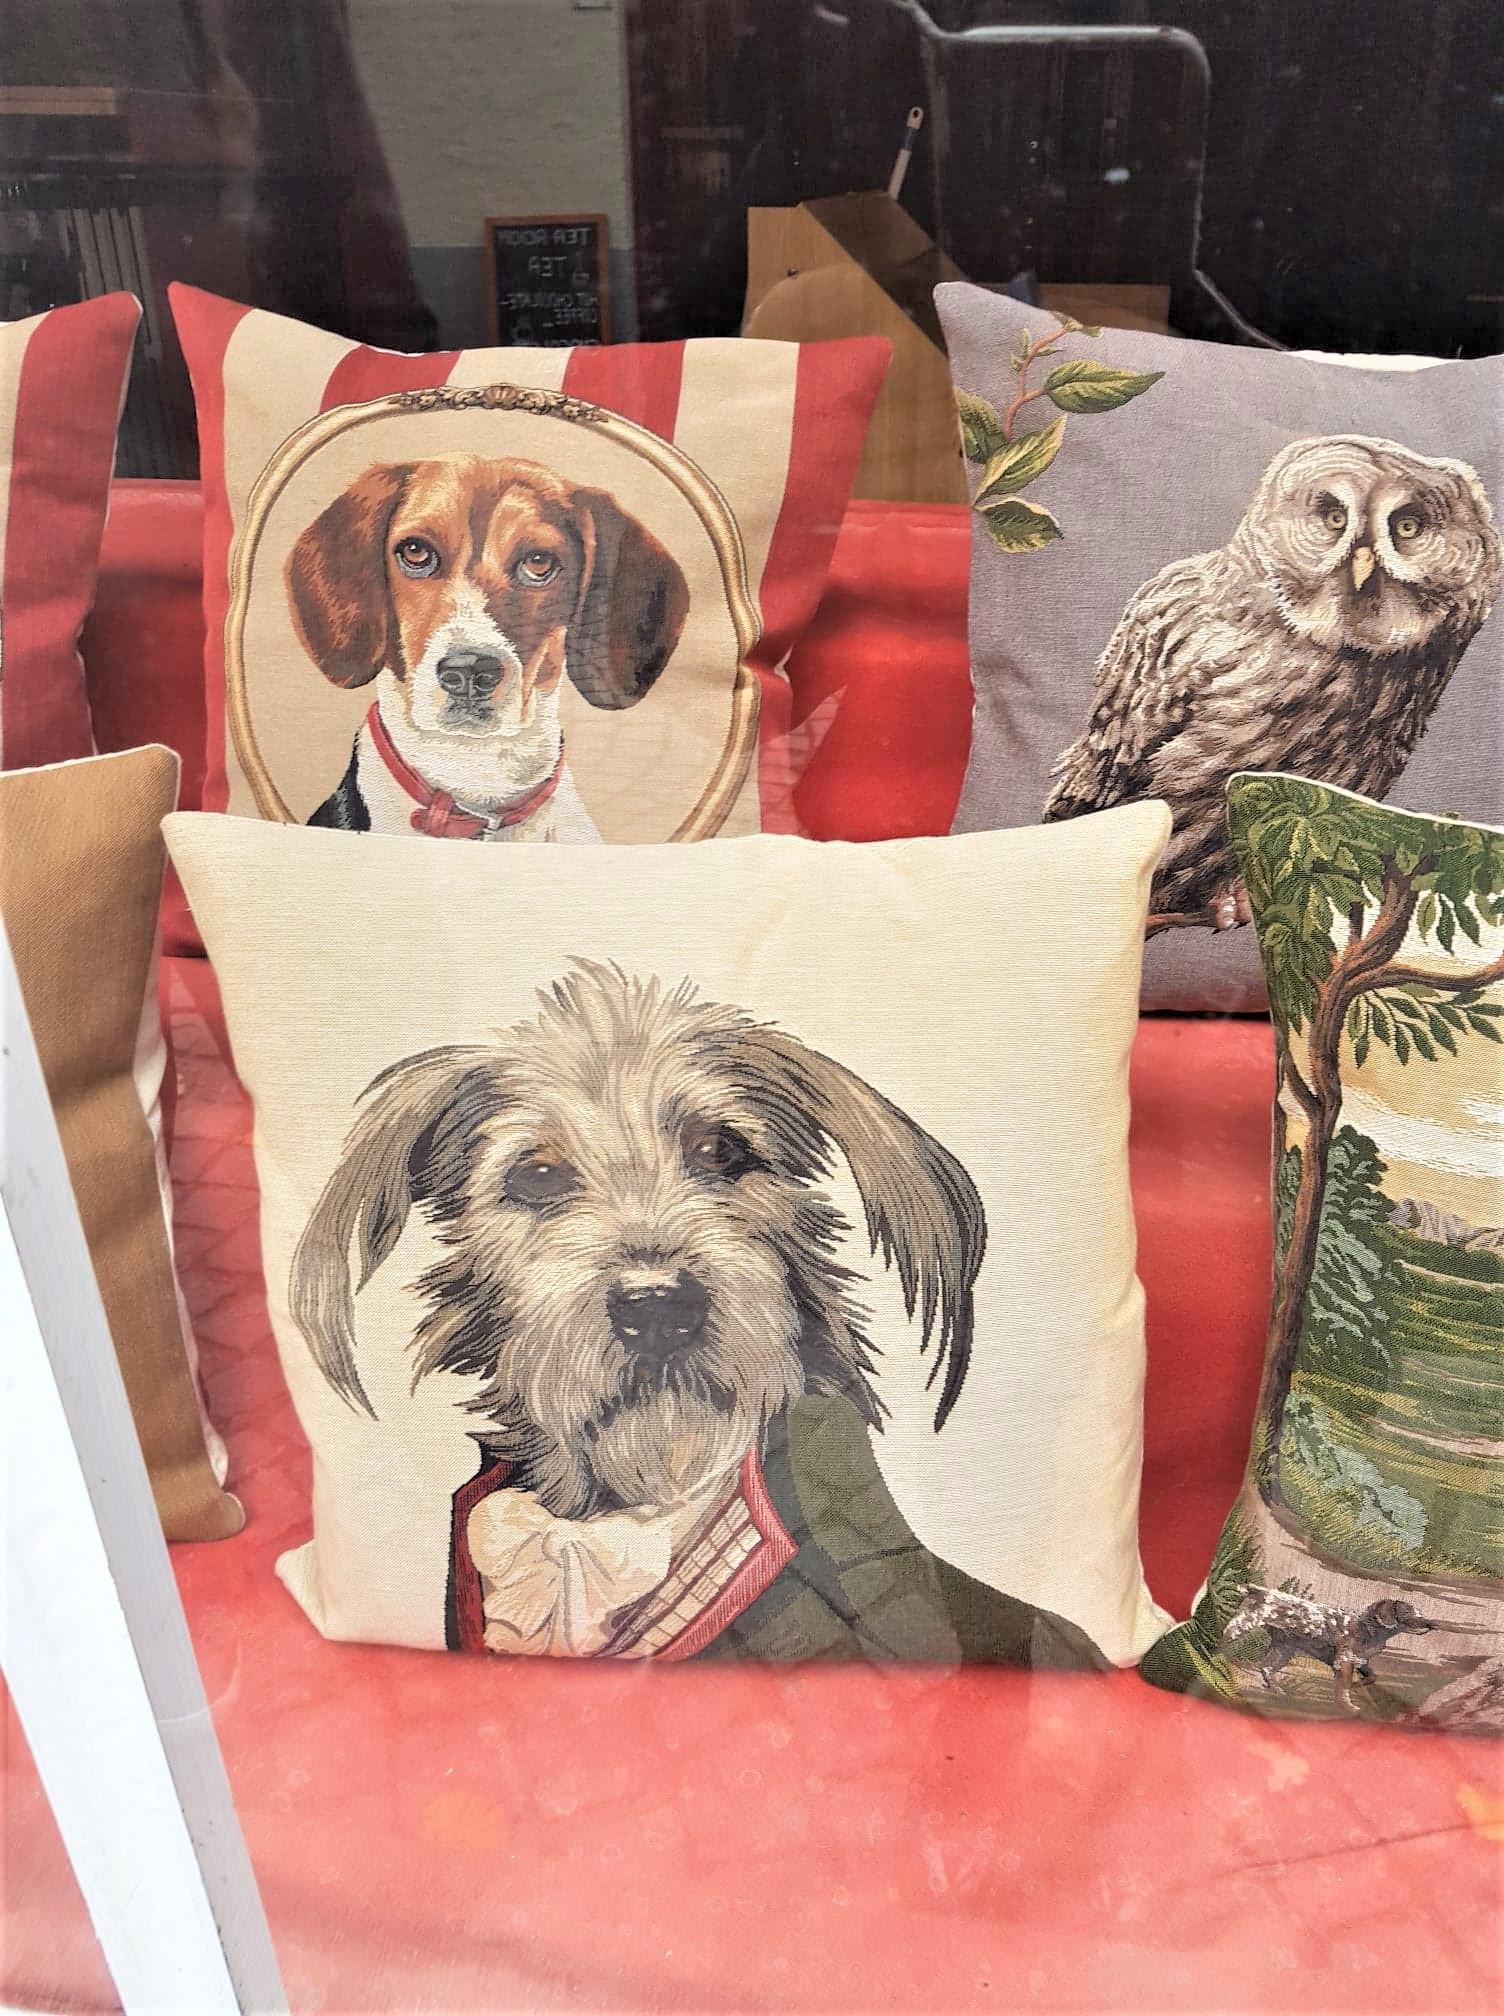 Cadeaux-tapisserie-coussin-clioandco-blog-voyage-bruges-belgique